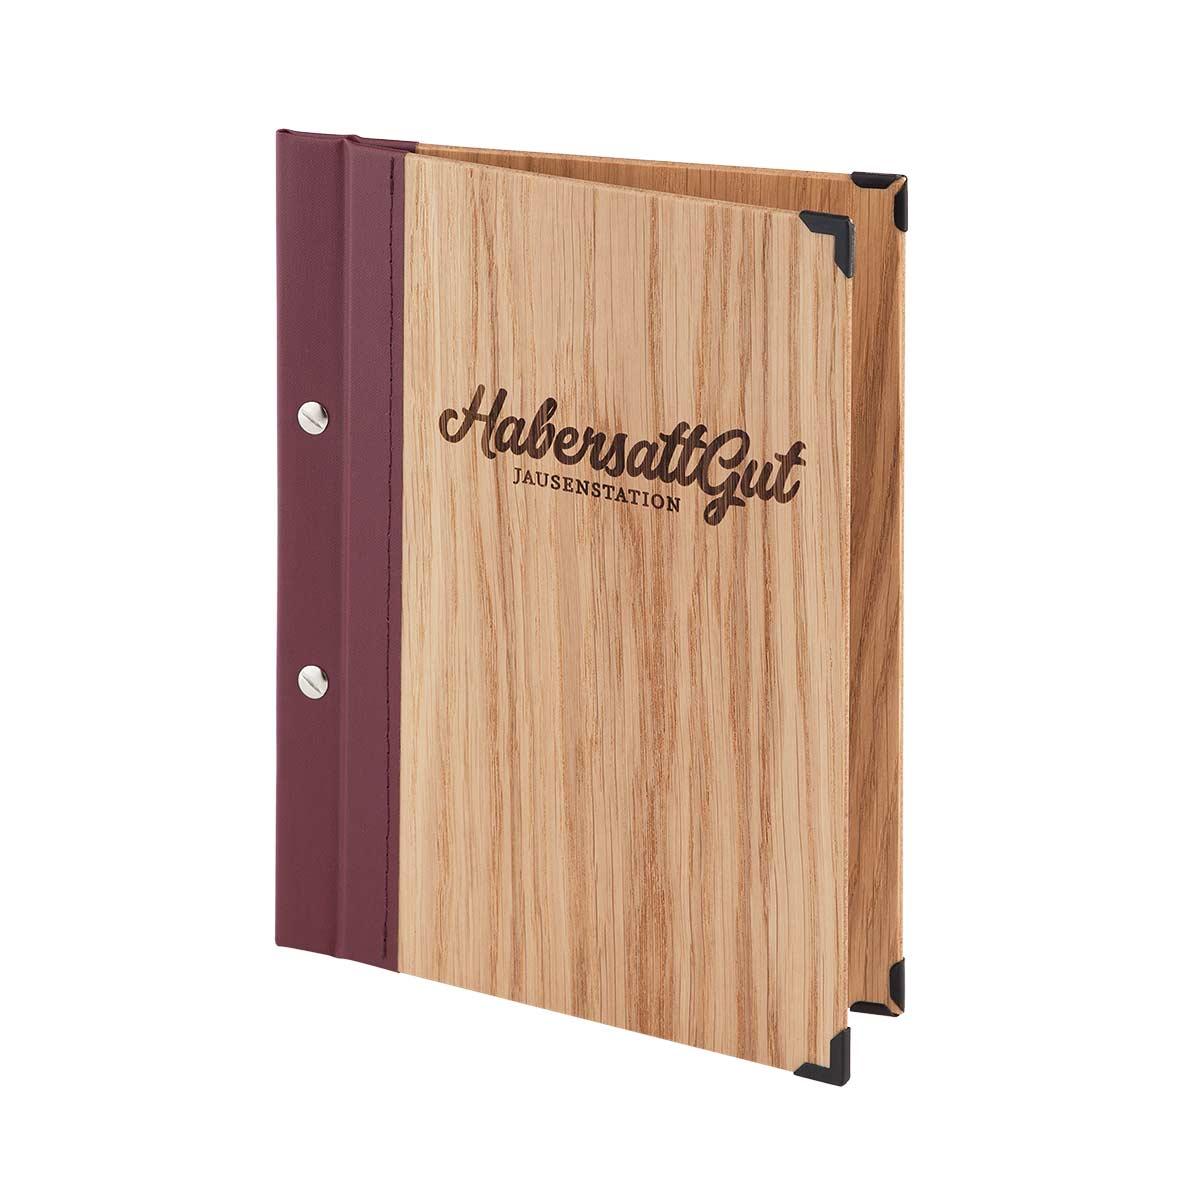 Sepsiekarte aus Holz von Gastrotopcard